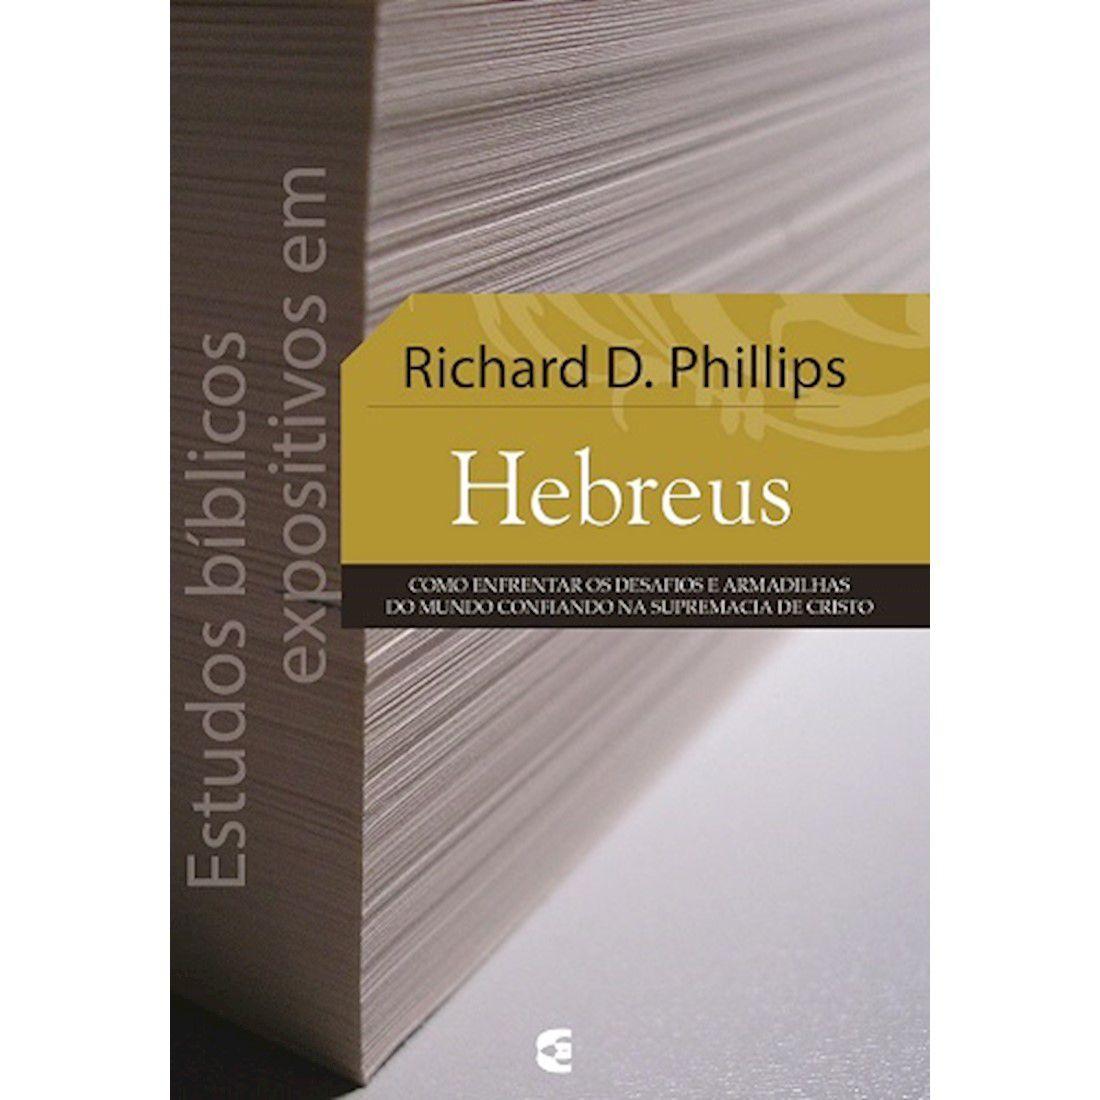 Livro Estudos Bíblicos Expositivos em Hebreus